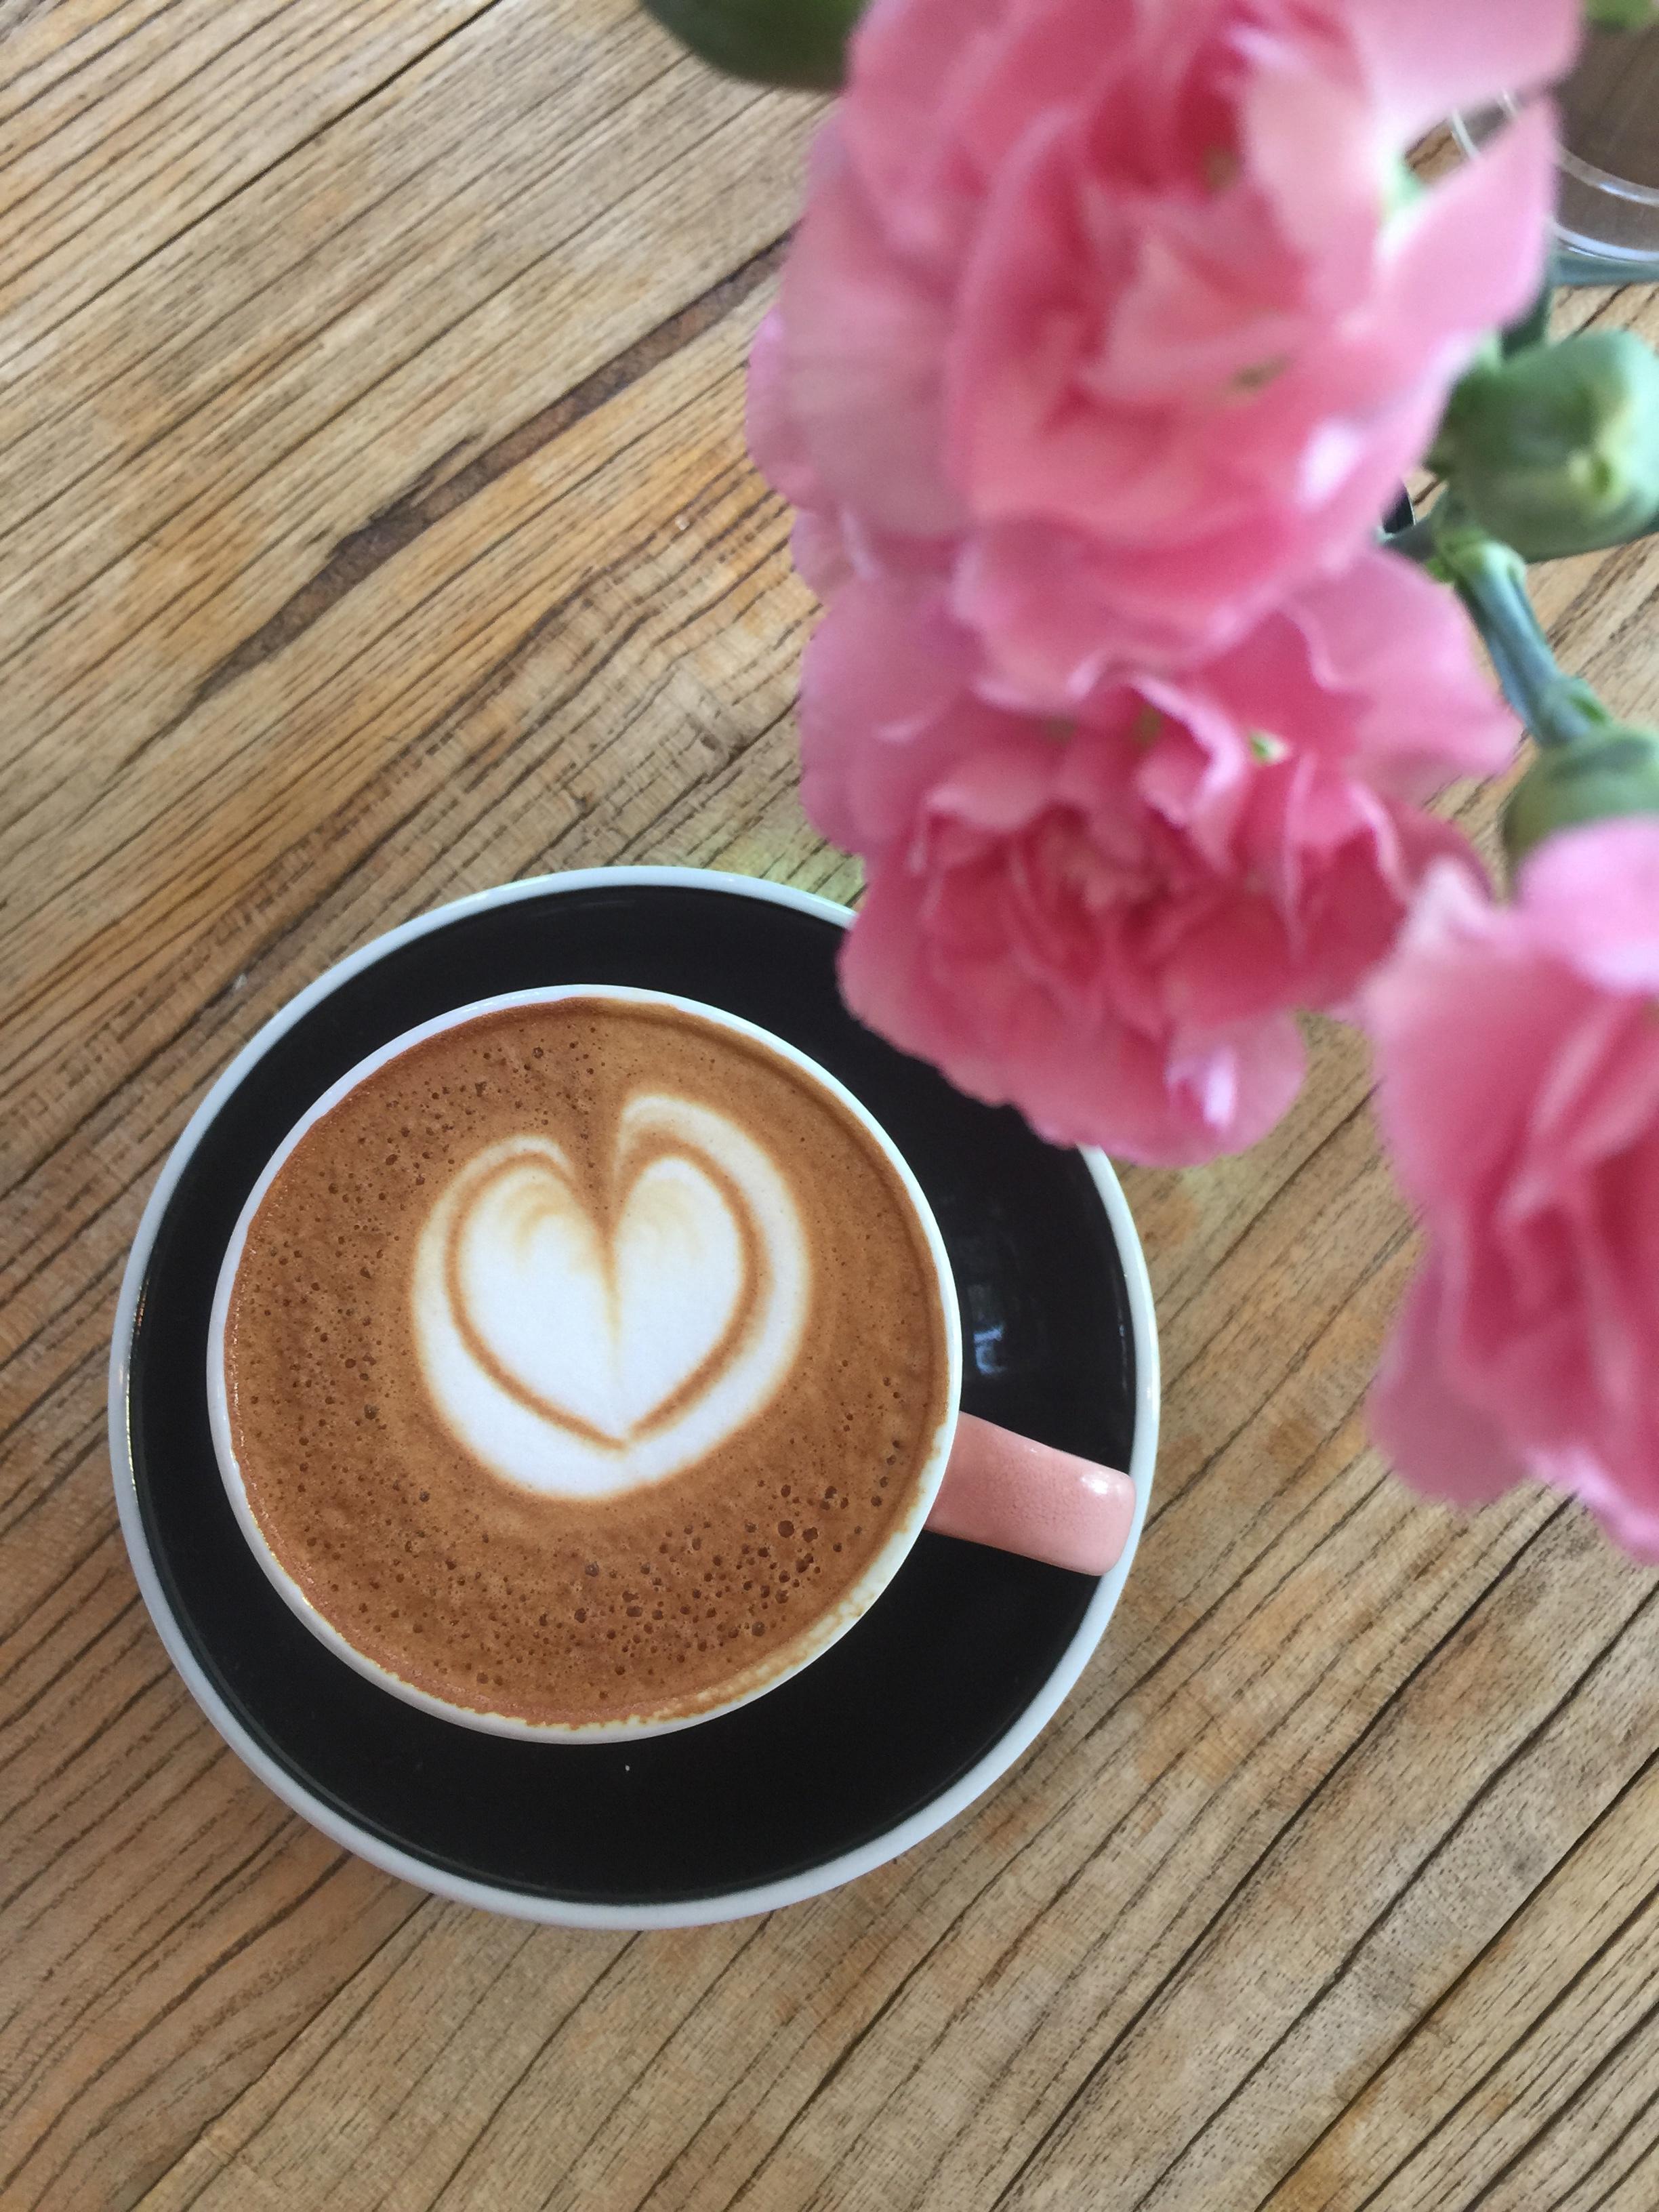 Coffee was definitely a luxury, so when it was good, it was great